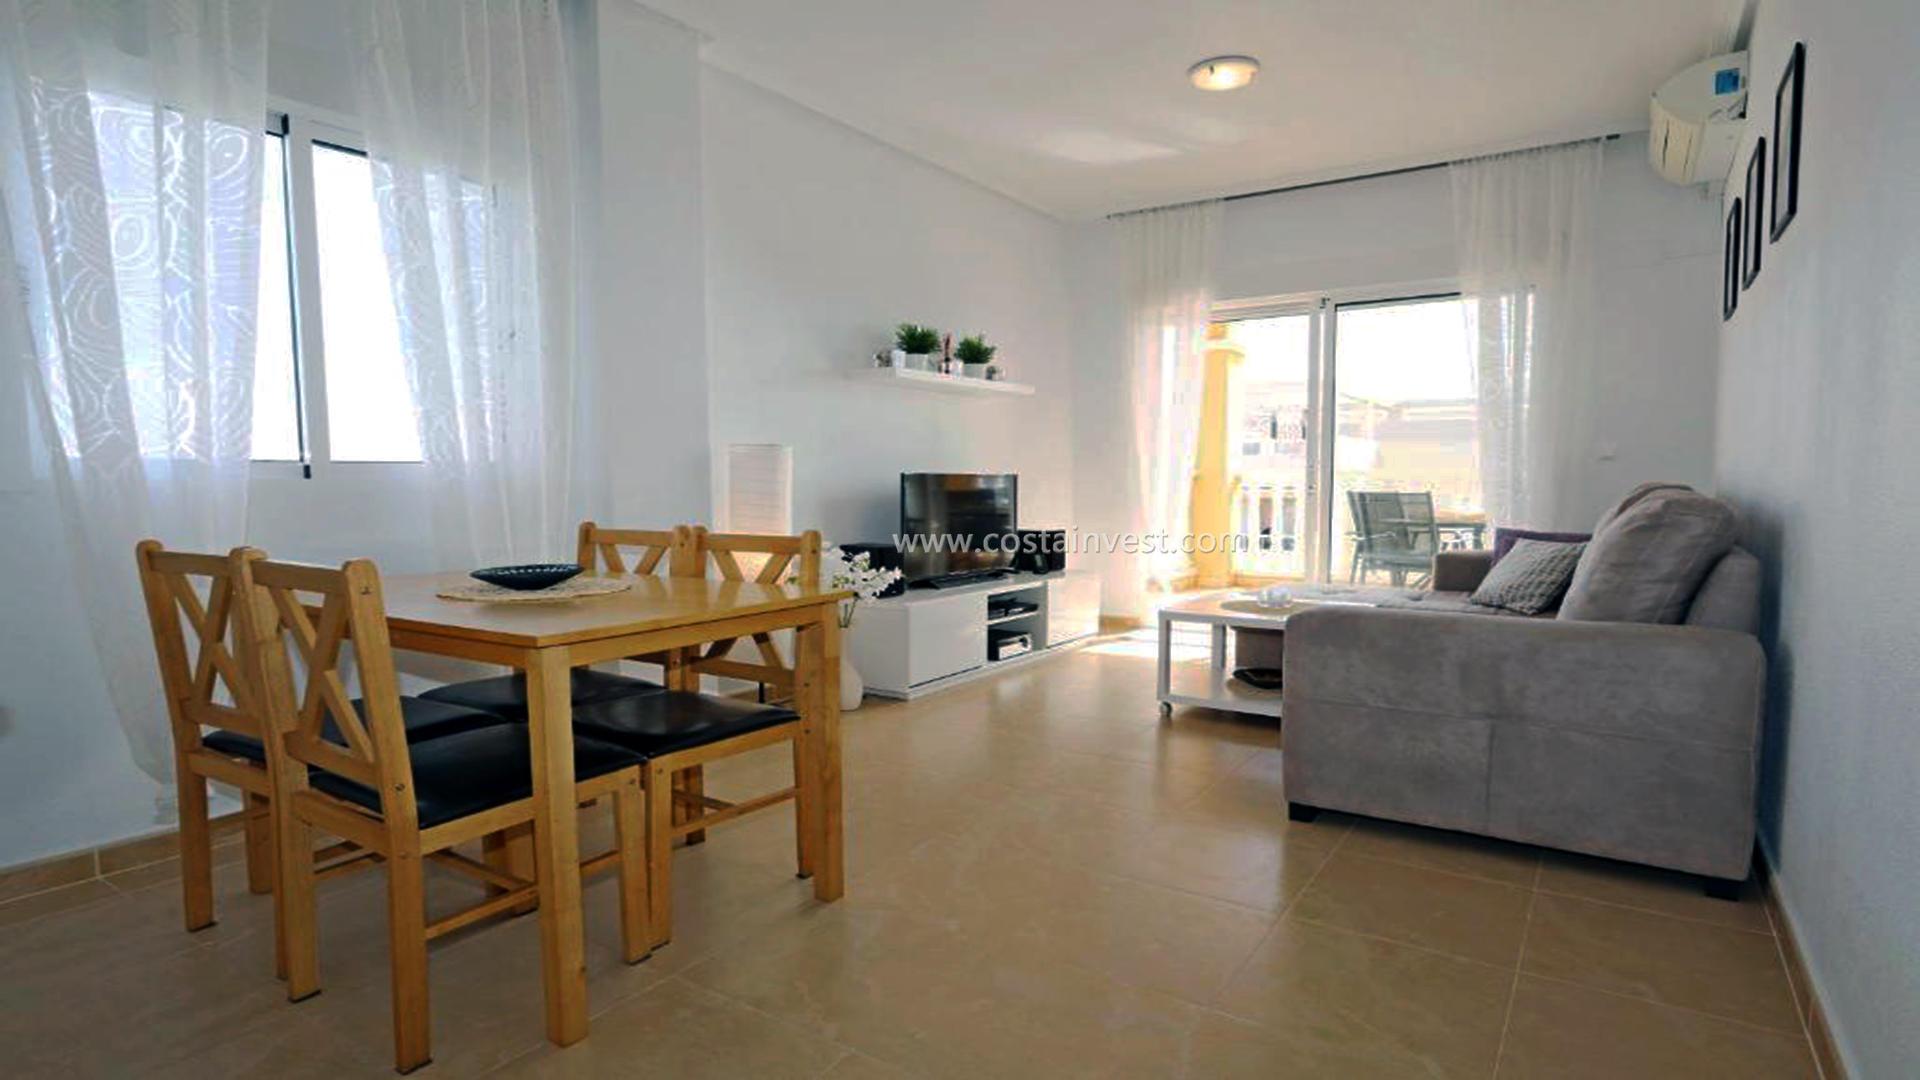 Apartament -                                       La Mata -                                       2 sypialnie -                                       4 osoby